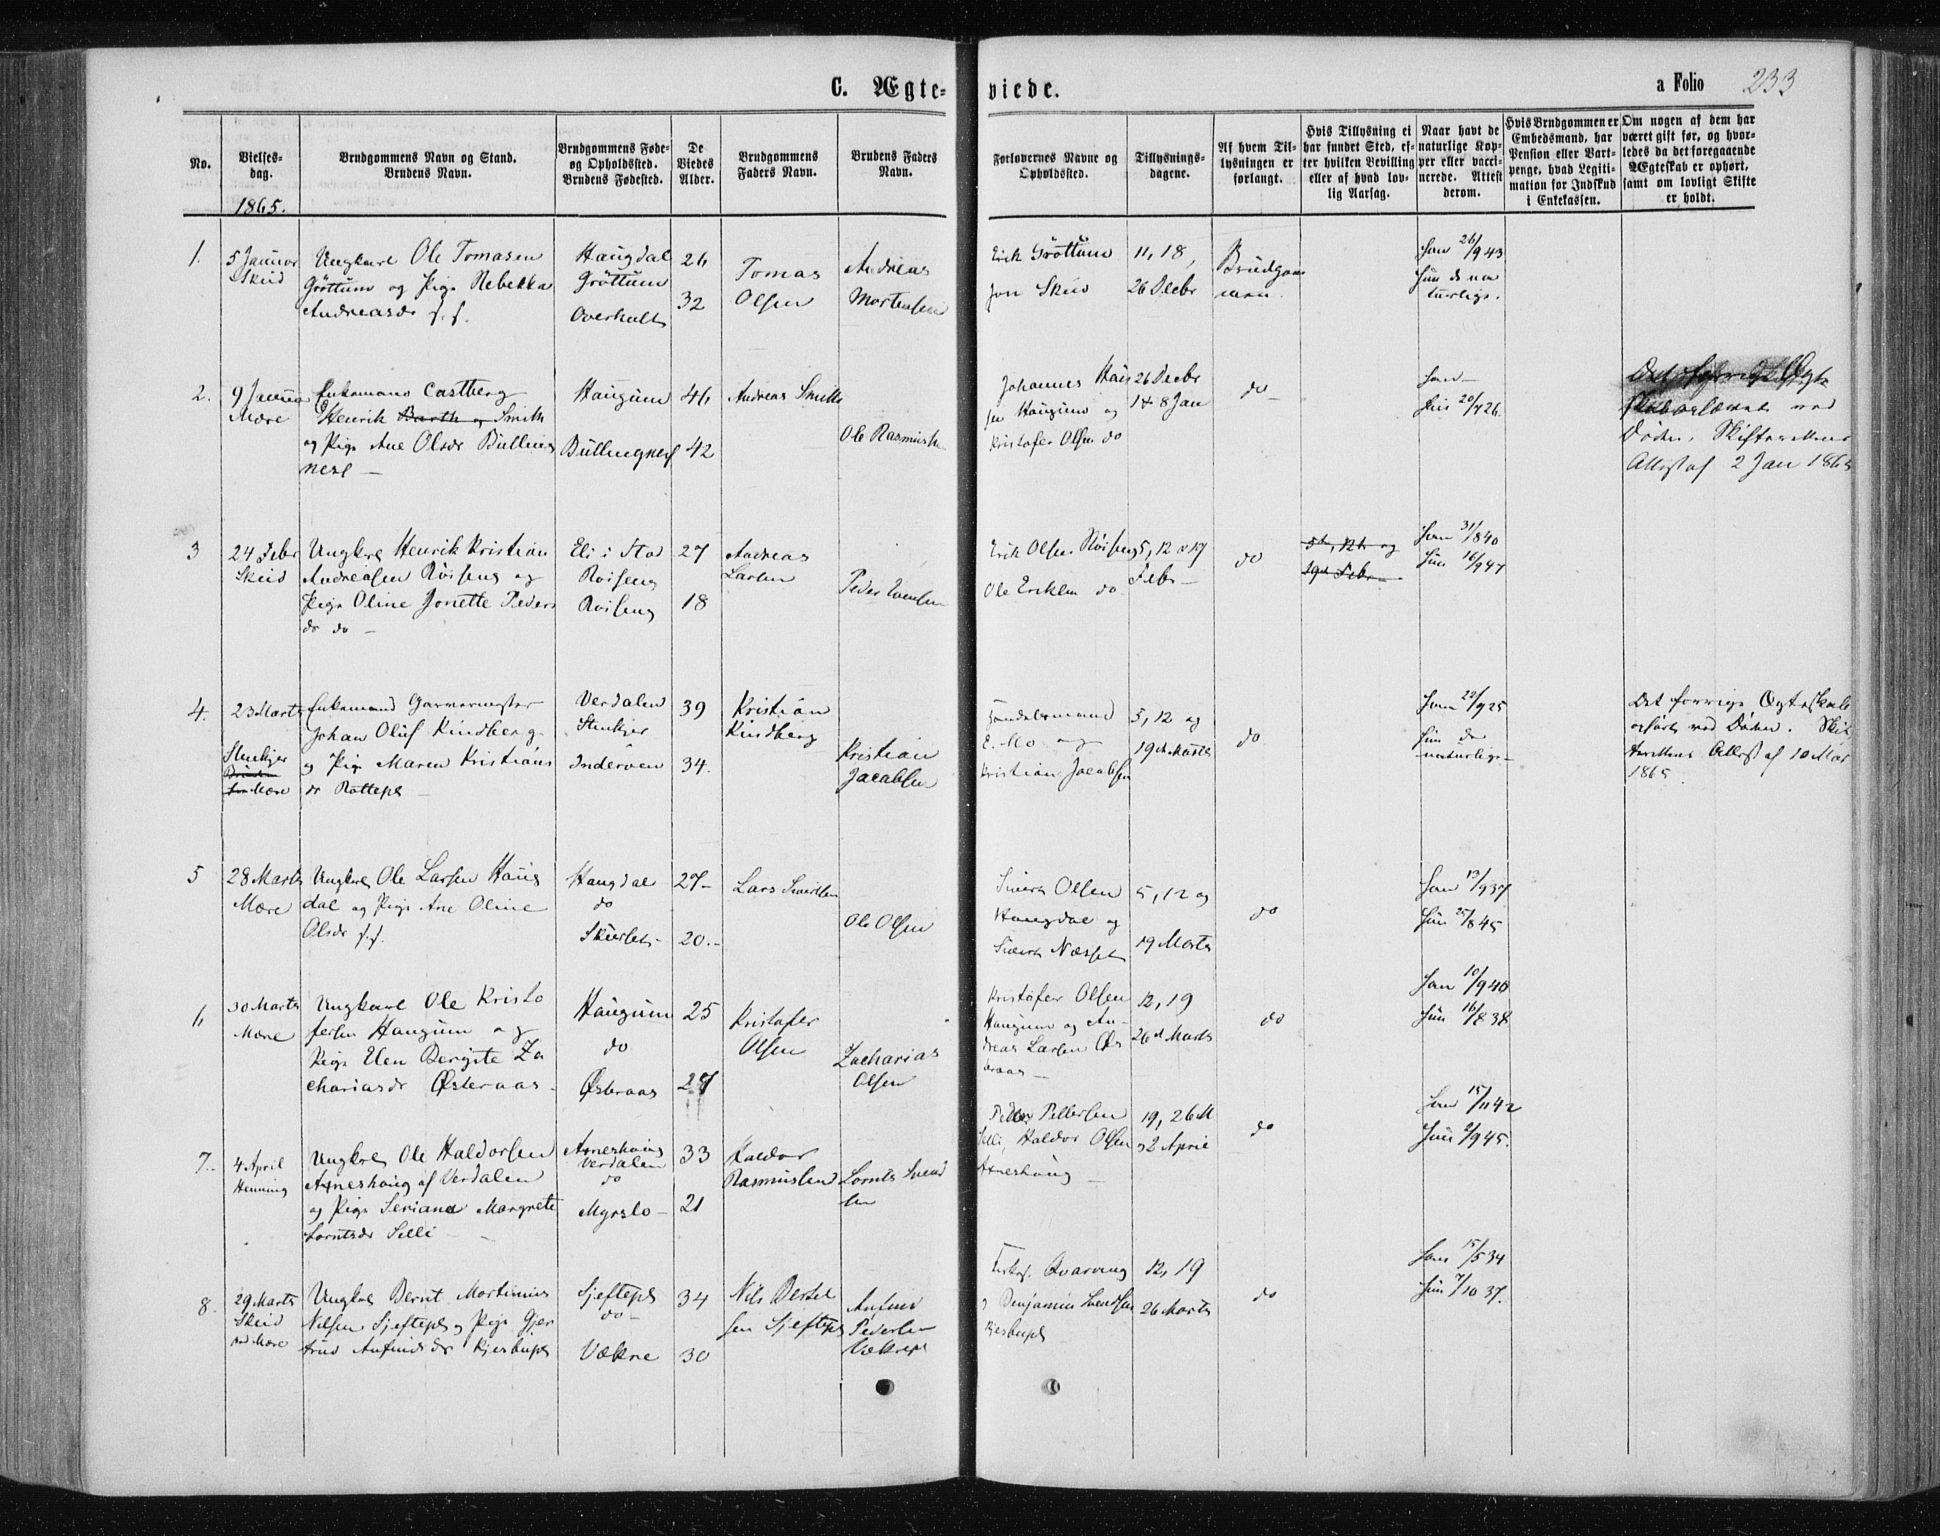 SAT, Ministerialprotokoller, klokkerbøker og fødselsregistre - Nord-Trøndelag, 735/L0345: Ministerialbok nr. 735A08 /1, 1863-1872, s. 233